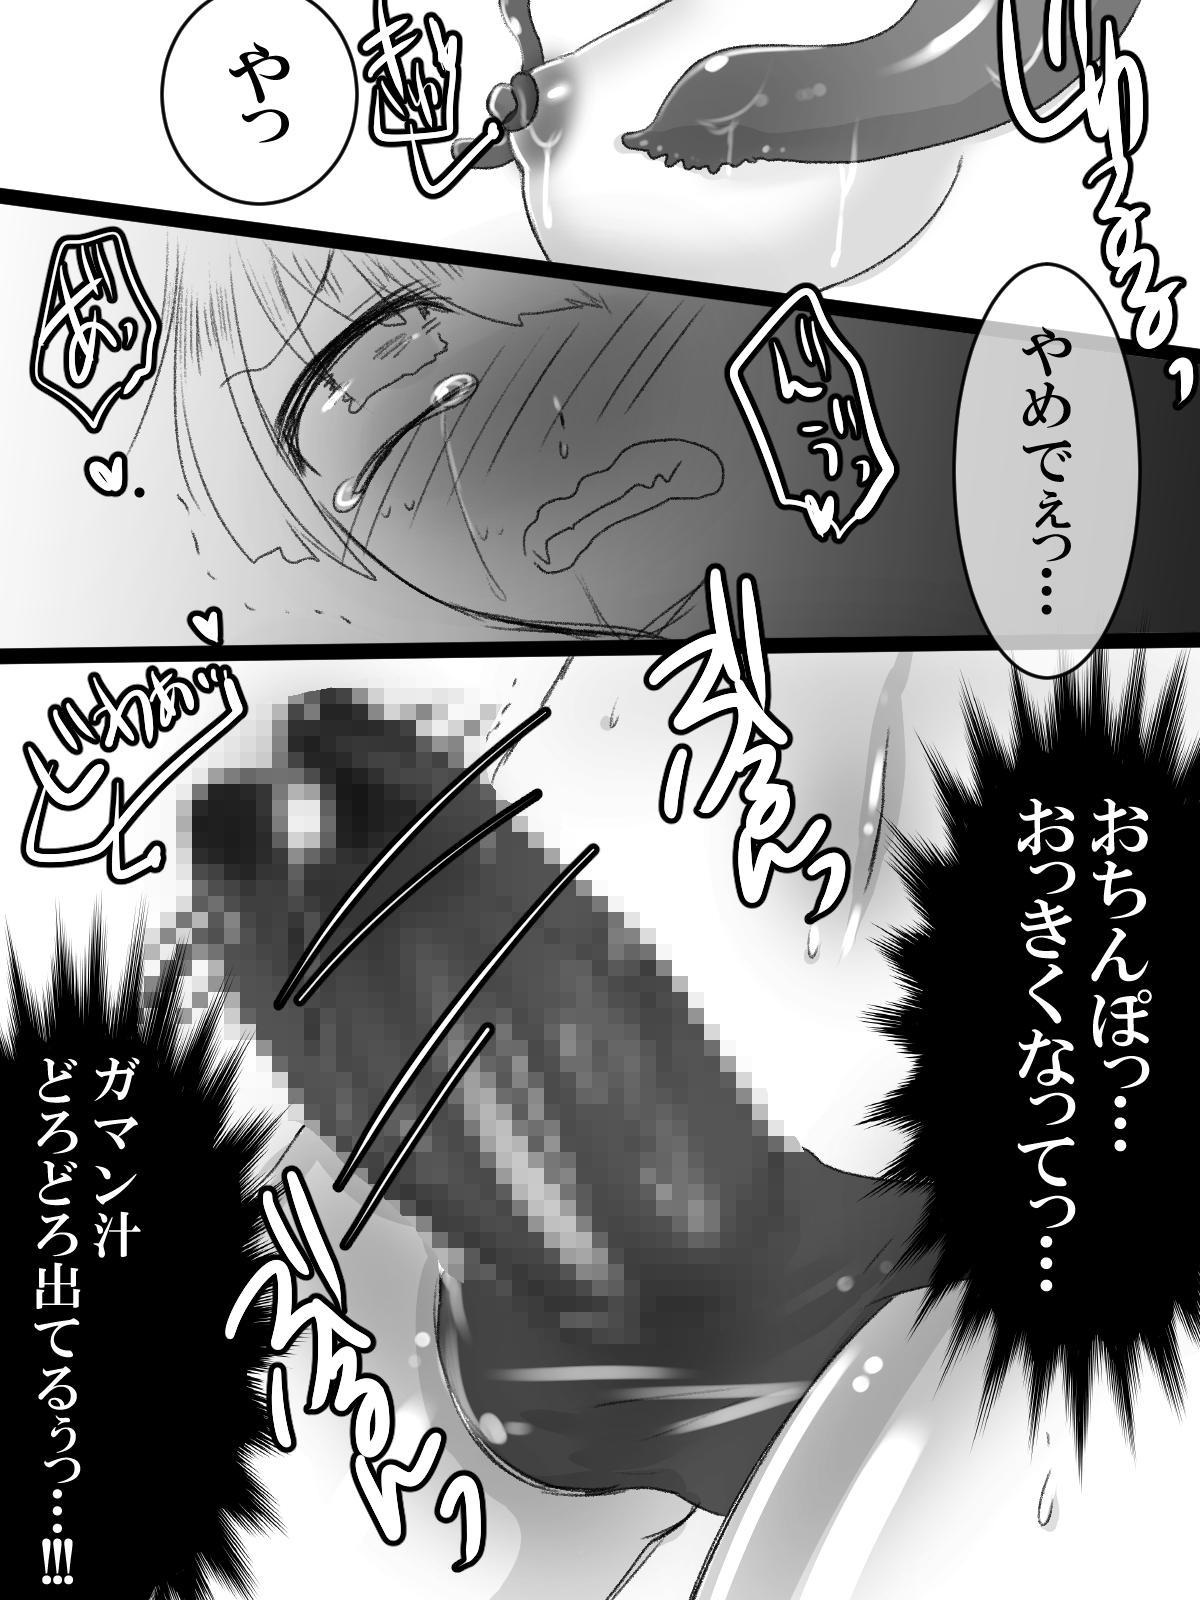 Tamatsuki Futanari Elf-san ga Shokushu ni Osowarete Nyoudou o Semerarete Marunomi Sarete Nakadashi Sarete Haramasarete Shussan Shichau Hon 5